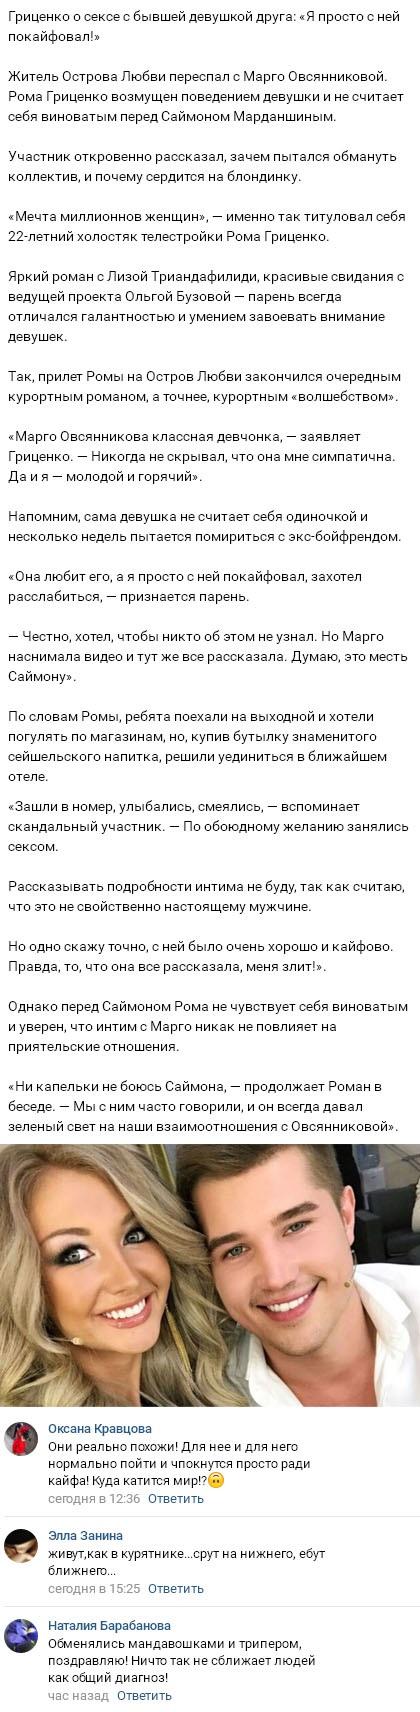 Роман Гриценко прокомментировал волшебство с Марго Овсянниковой